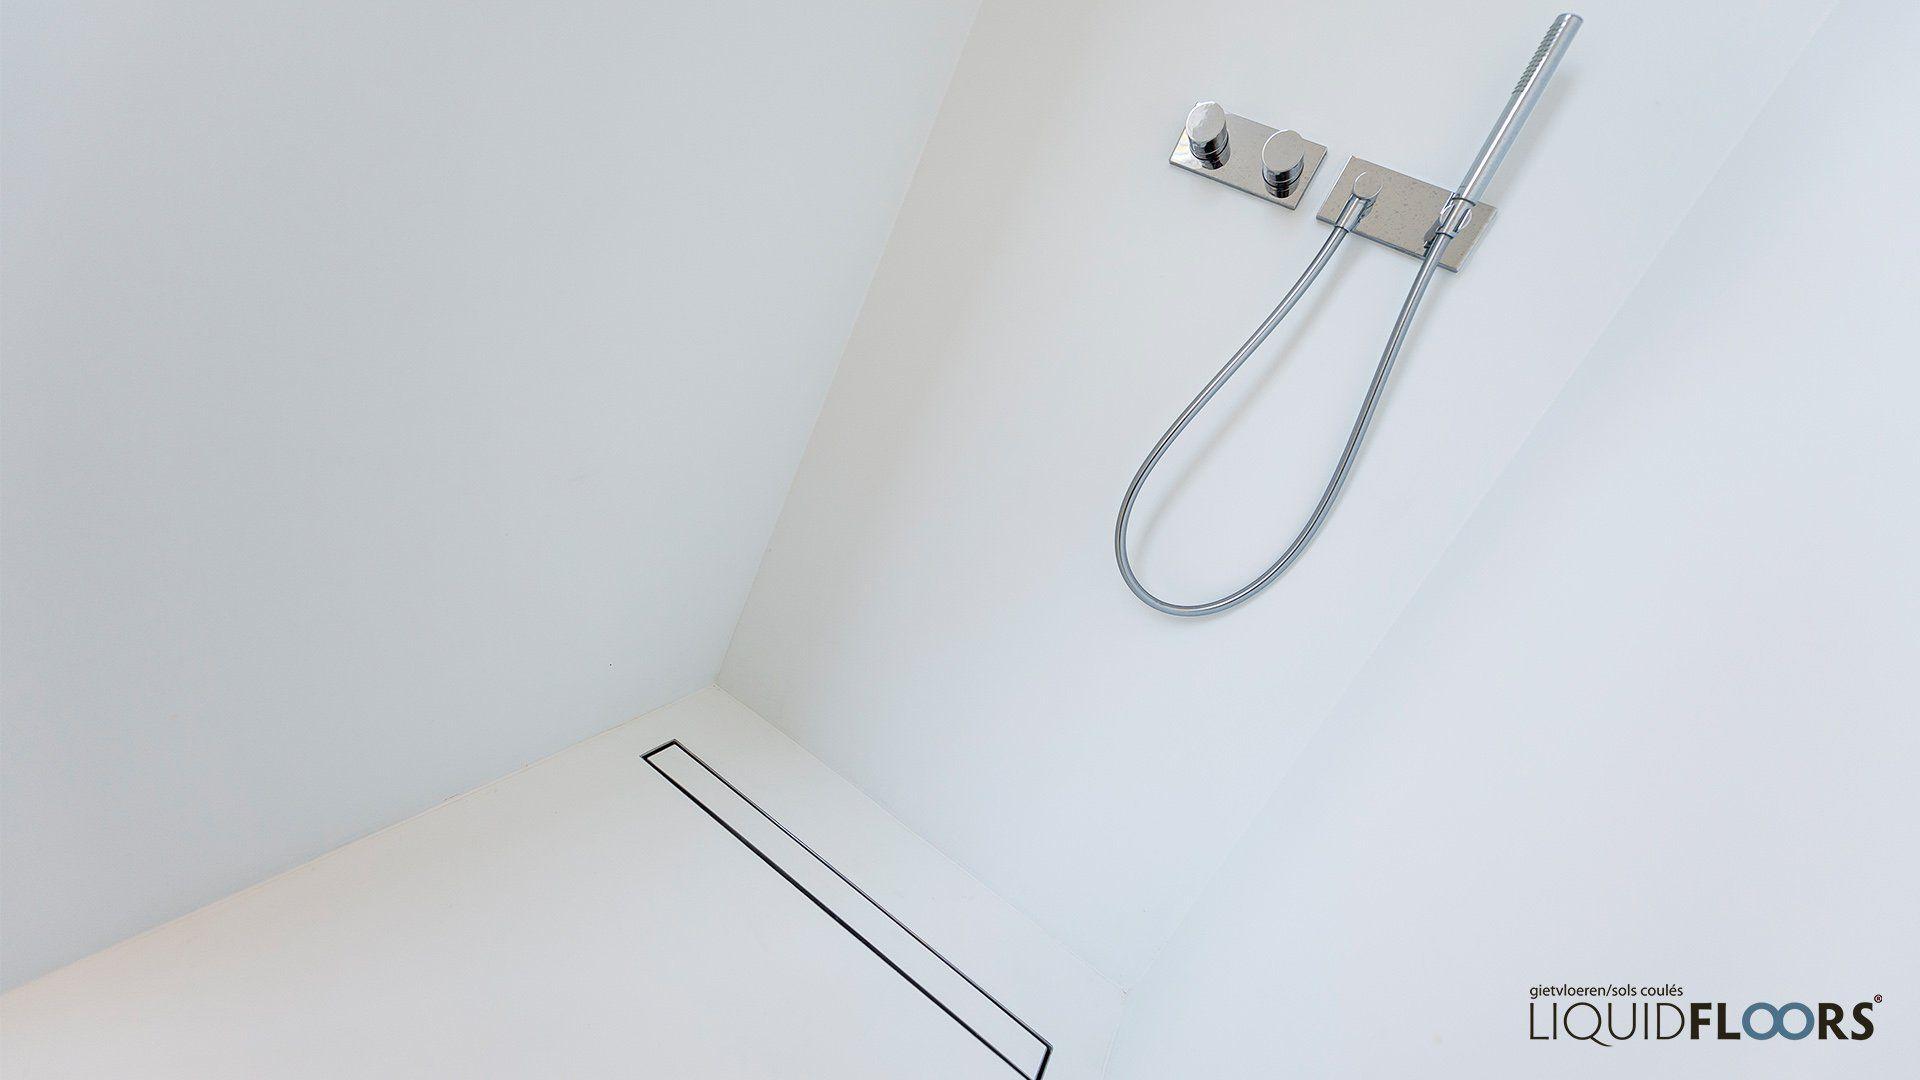 inloopdouche gietvloer liquidfloors gietvloeren badkamer